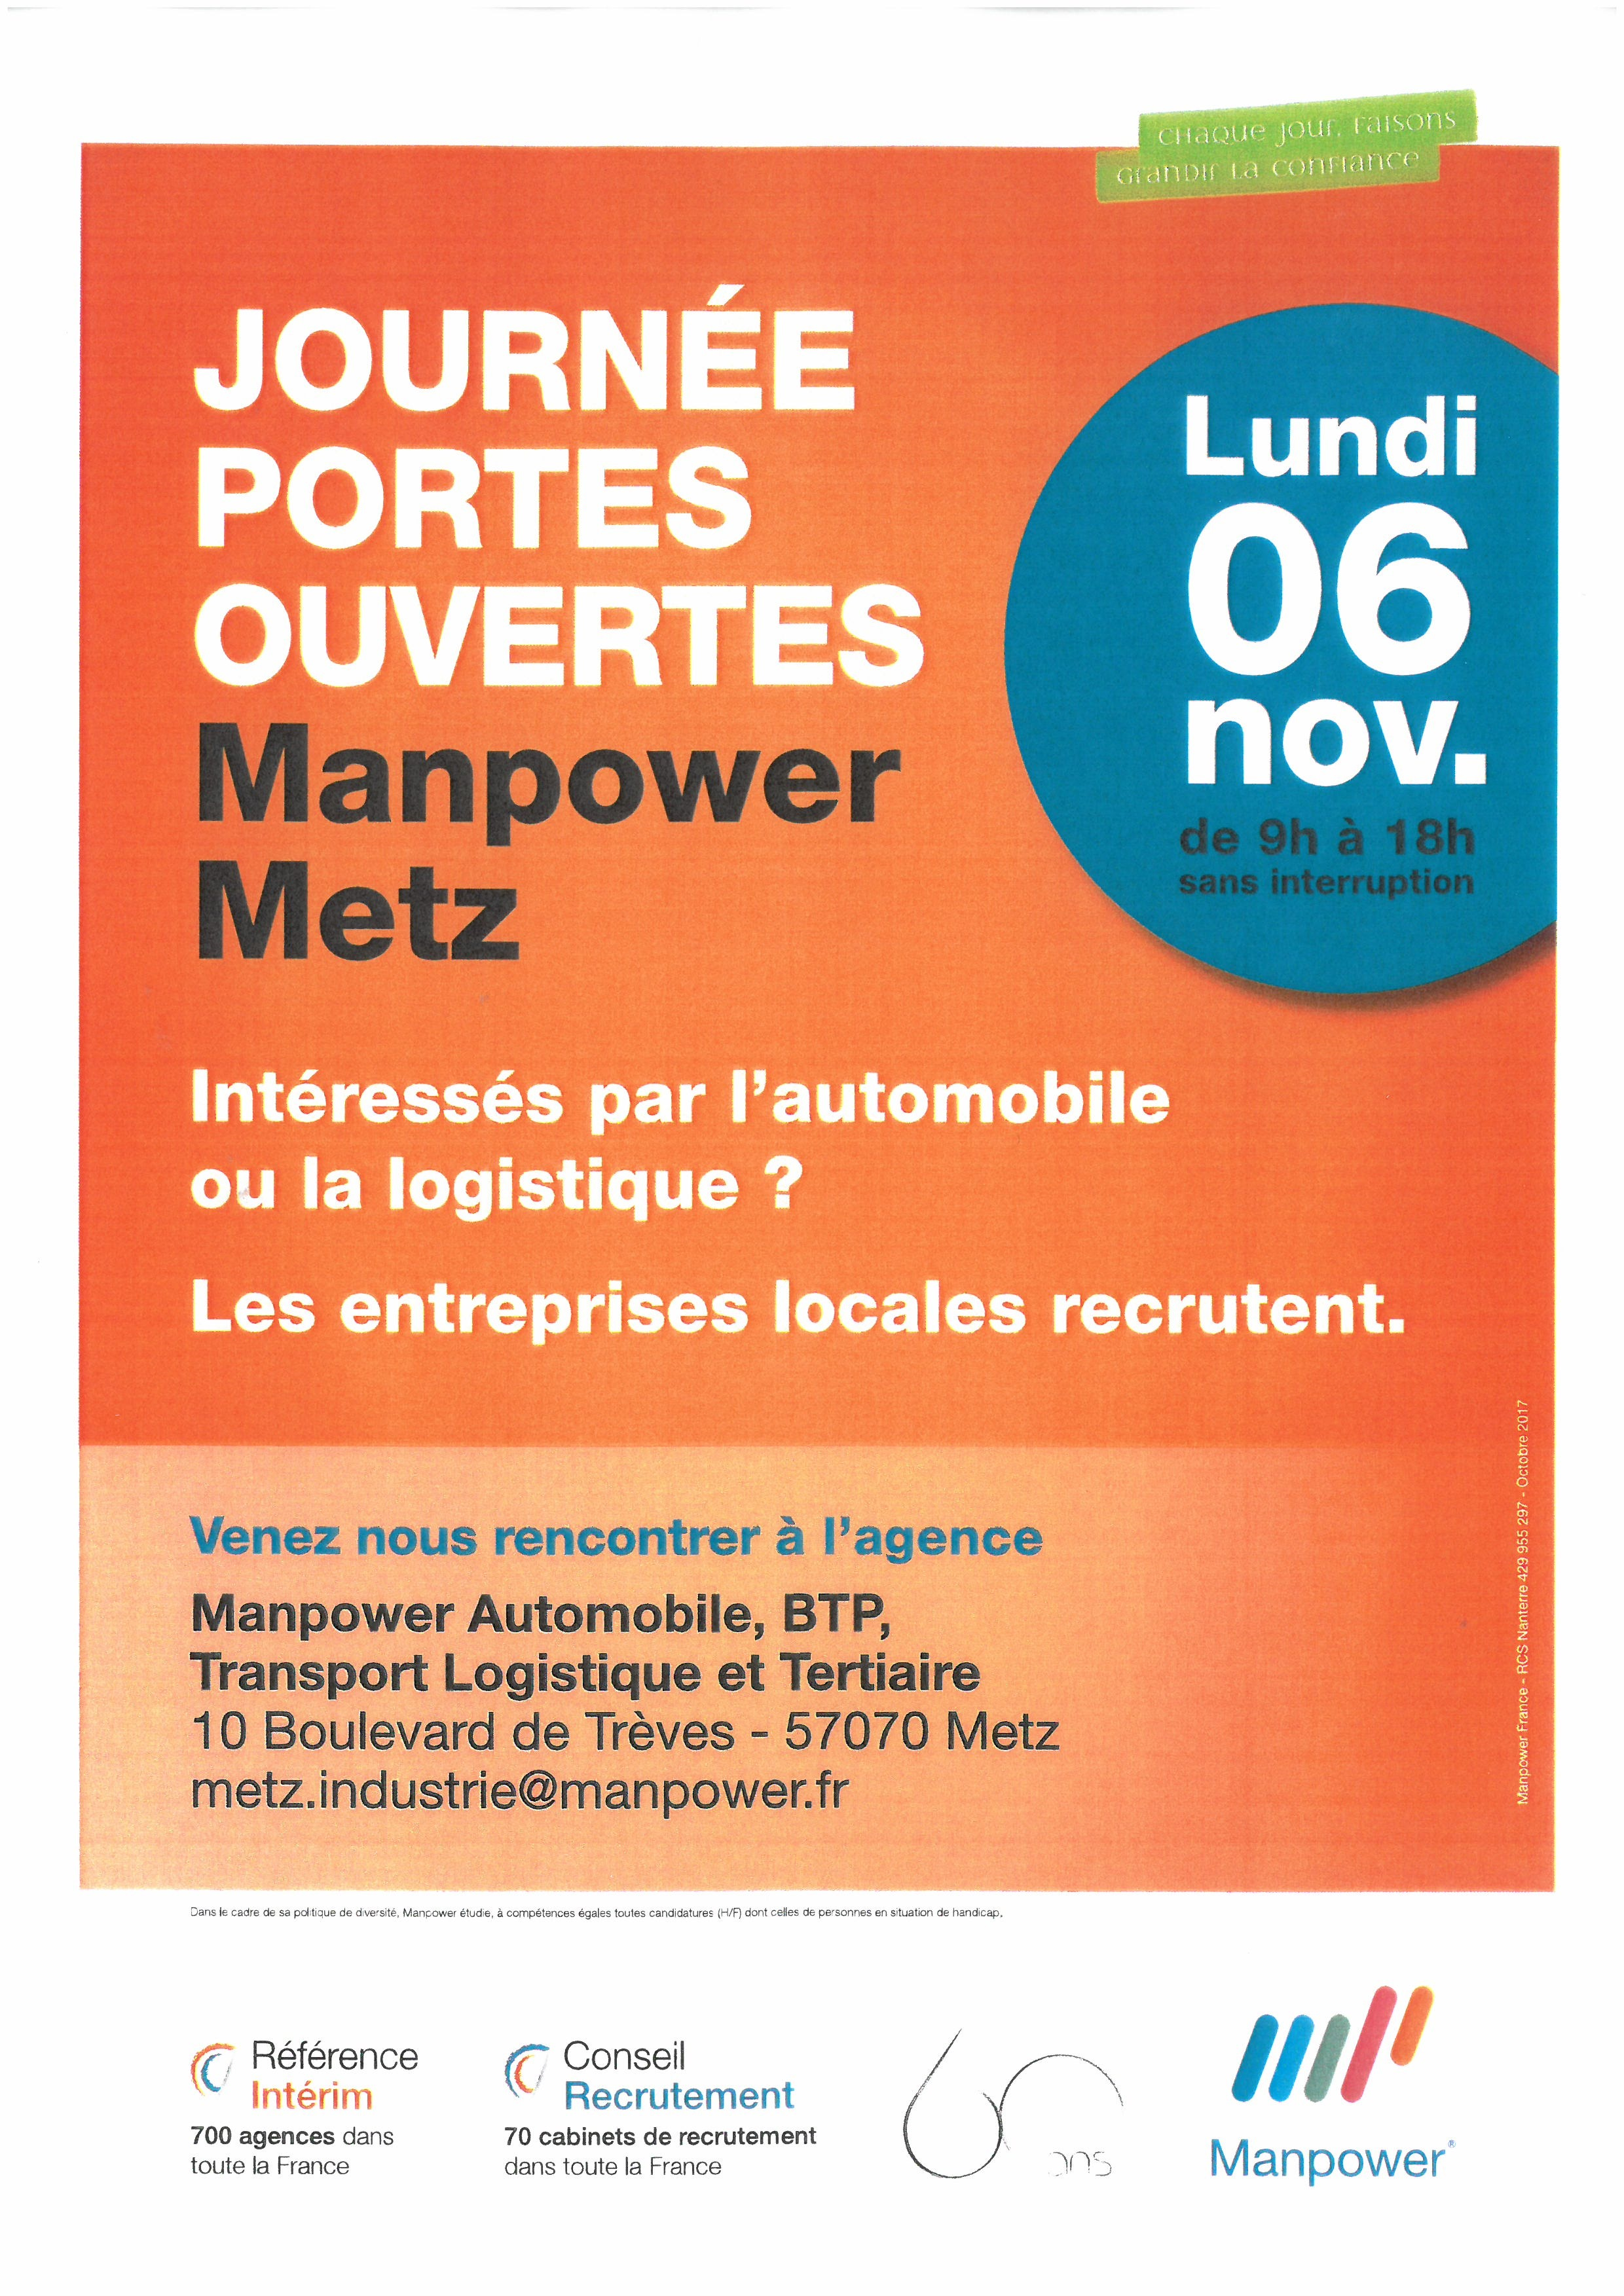 JOURNÉE PORTES OUVERTES MANPOWER